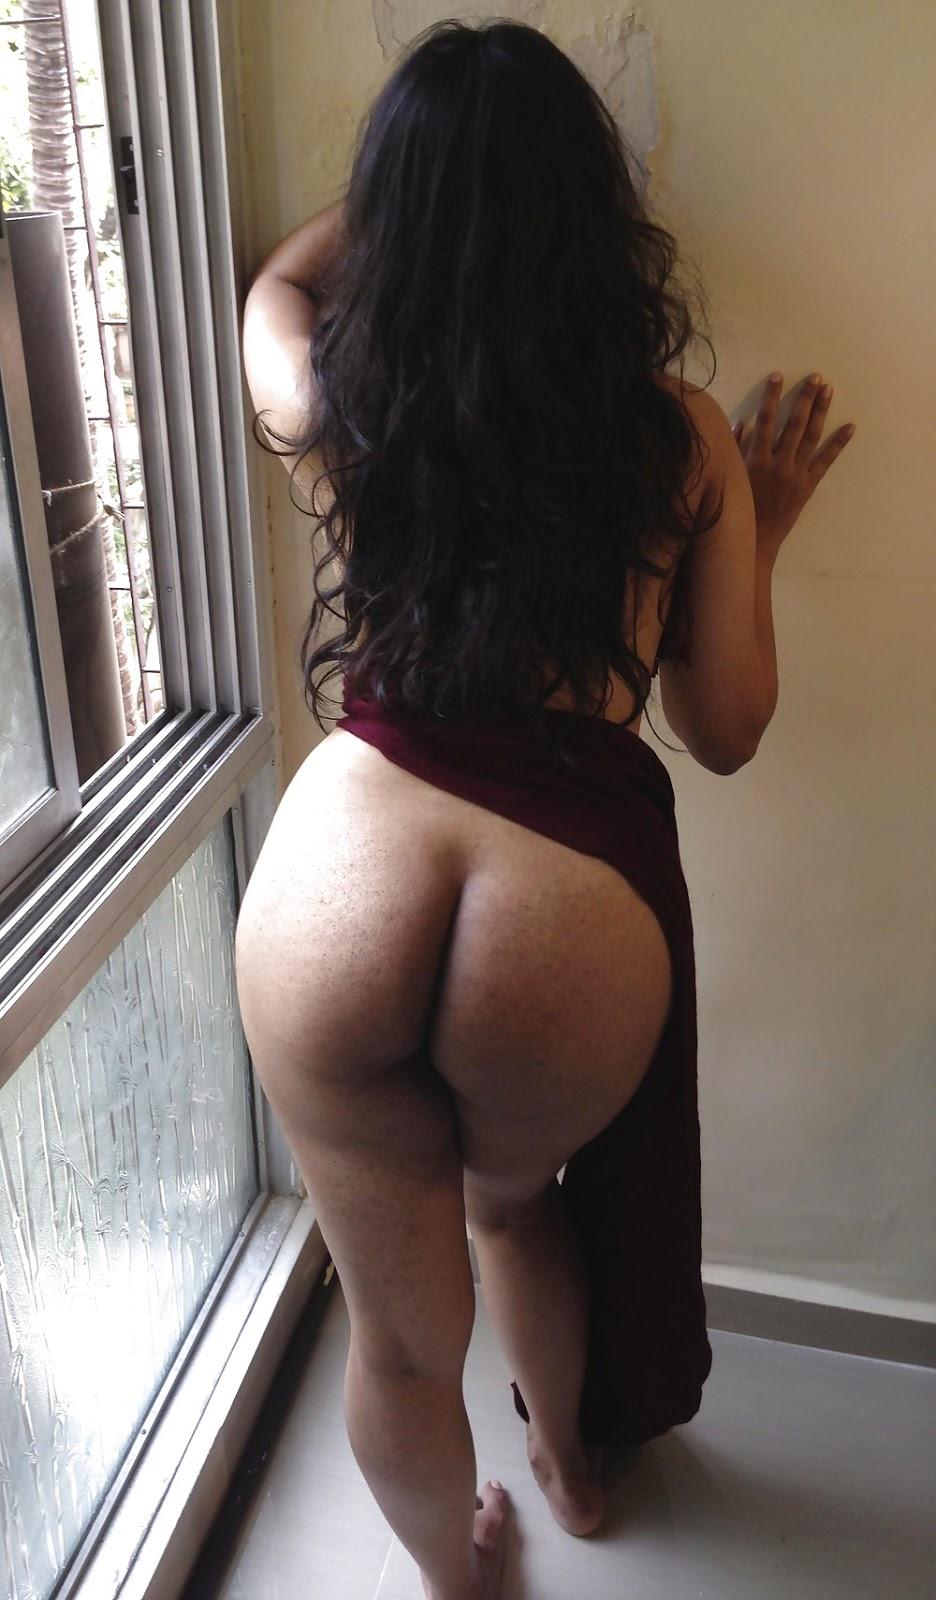 Hot naked indian girl big ass